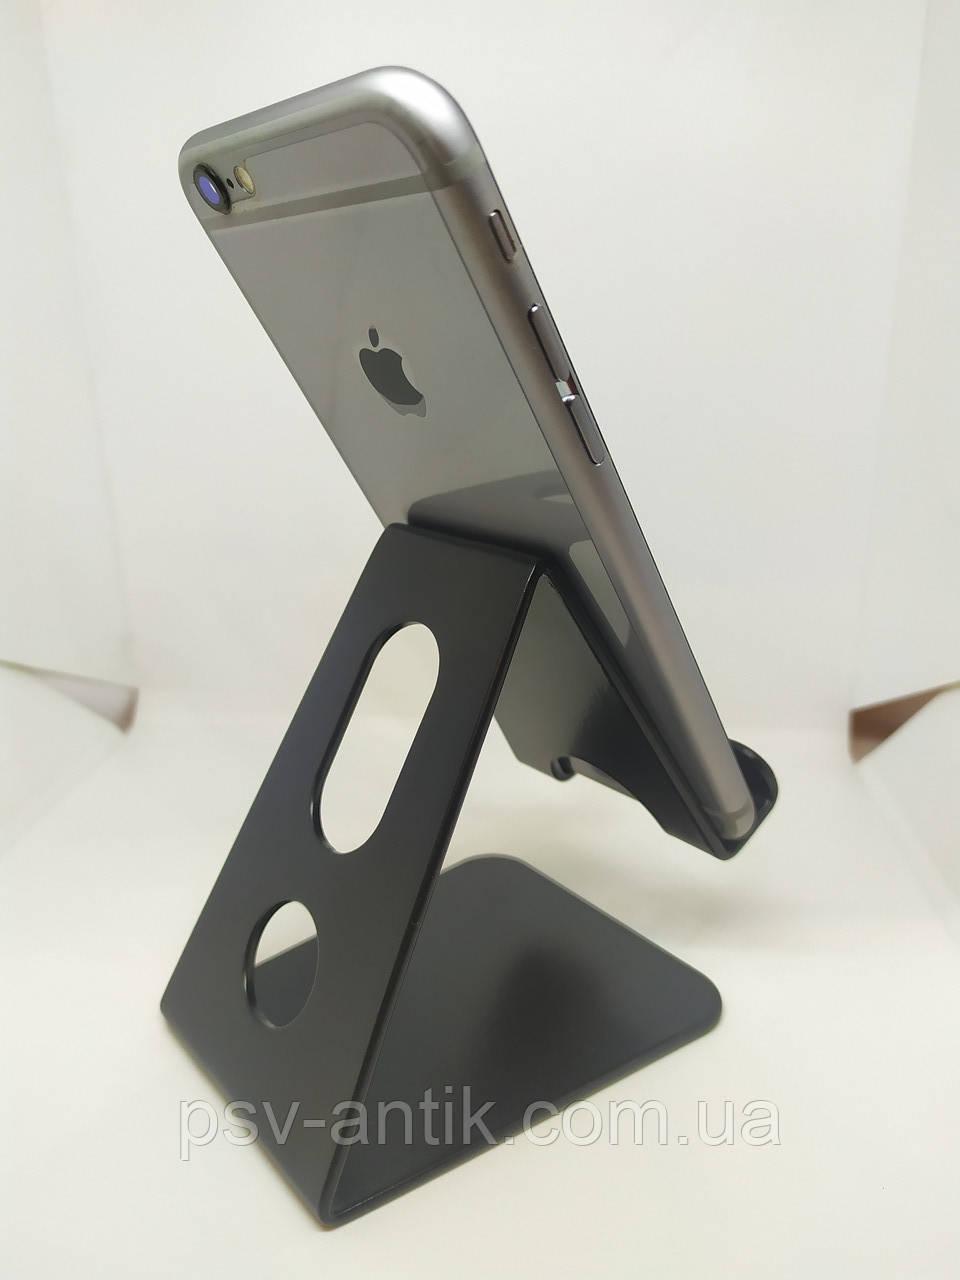 Підставка під телефон. Для Apple iPhone, Samsung , Хіаомі, Huawei, Lenovo, HTC, ASUS, LG.